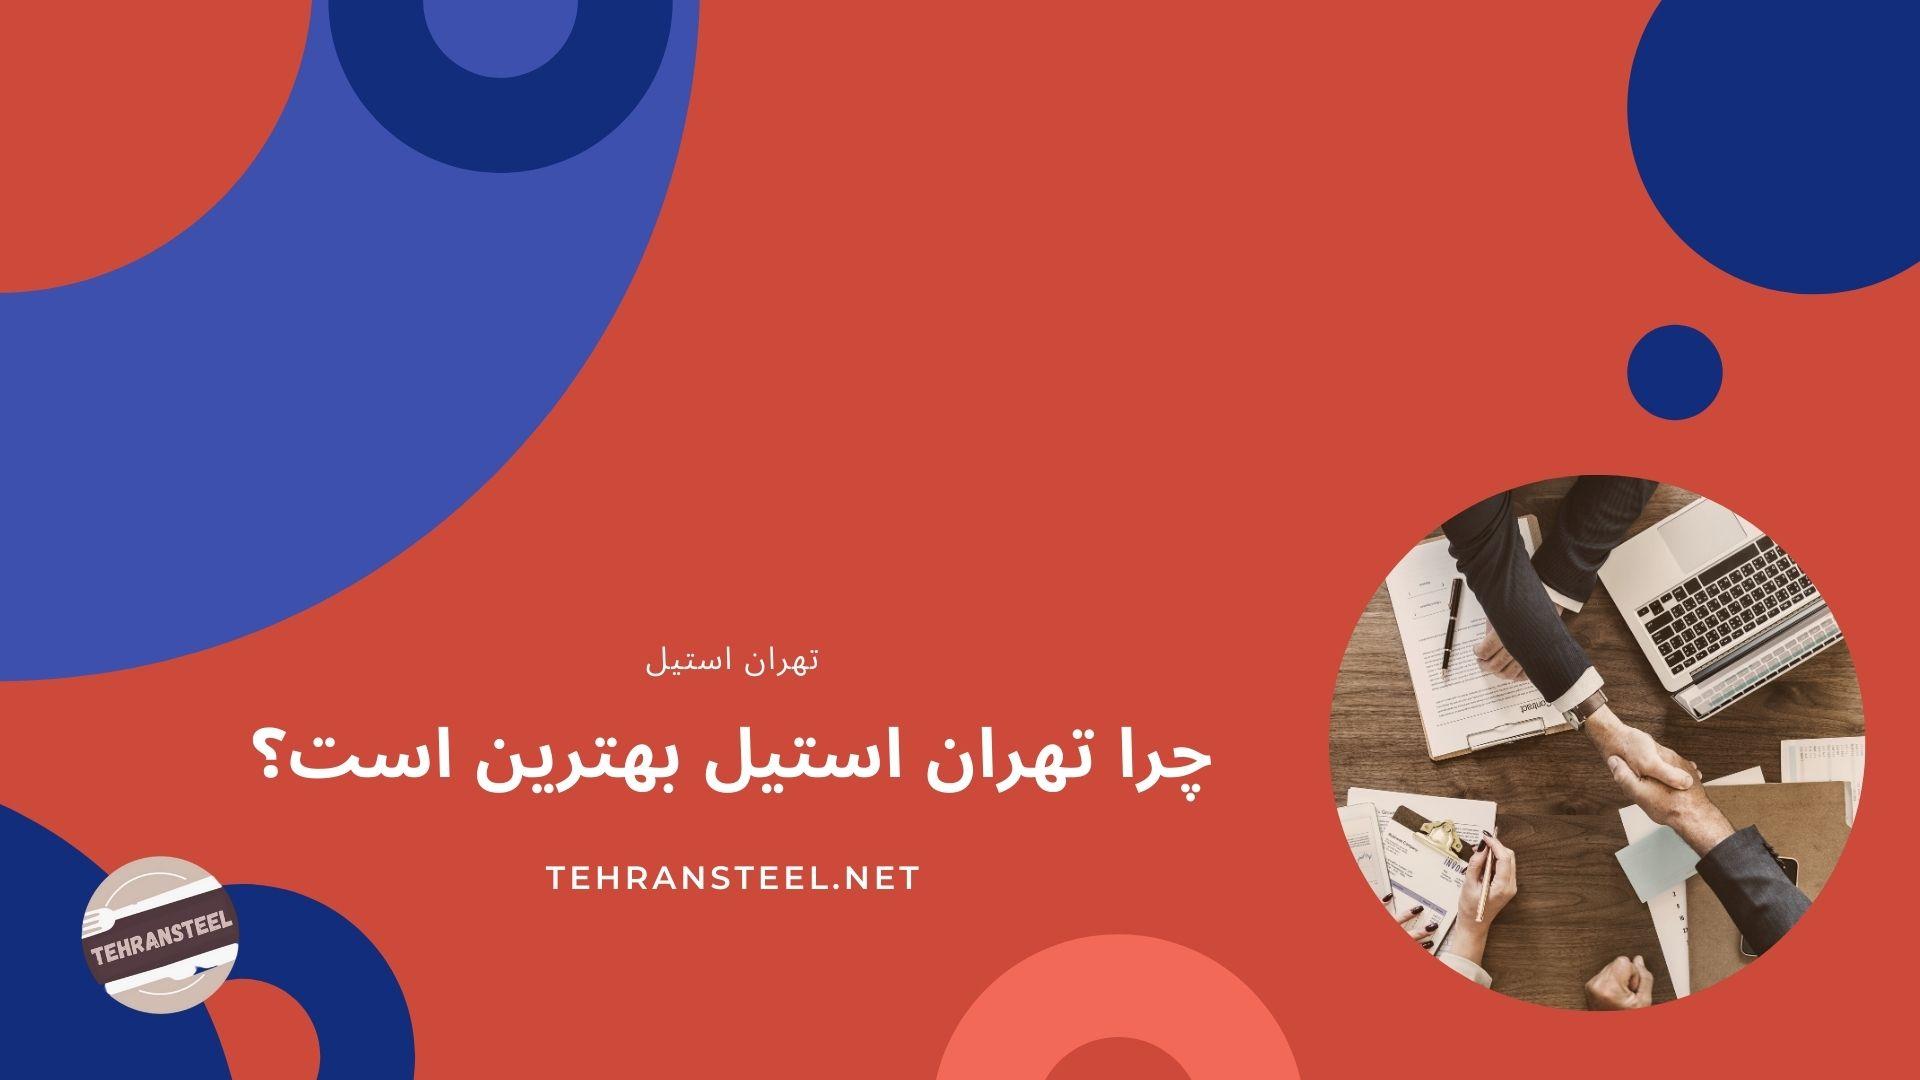 چرا تهران استیل بهترین است؟